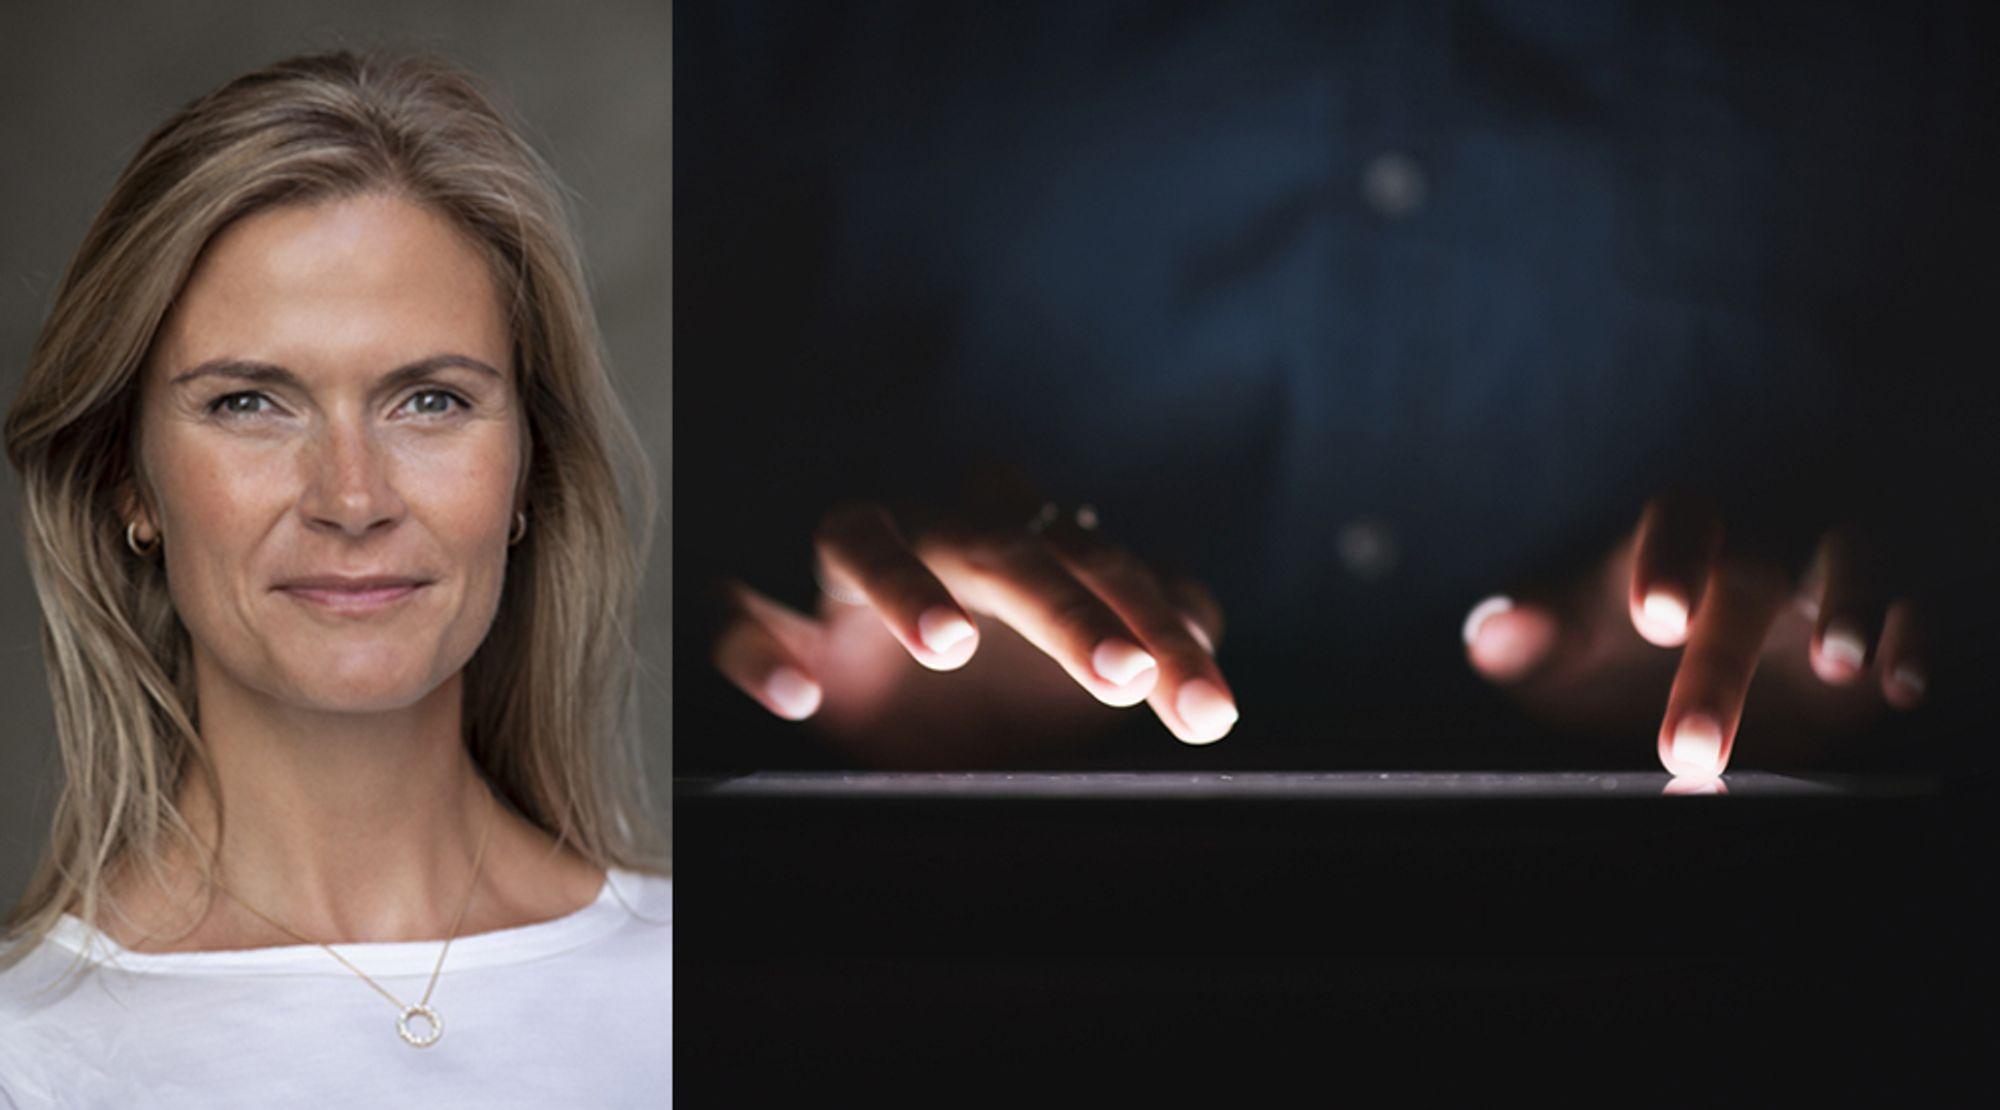 – Omtalen av hjemmekontor i koronapandemien er for polarisert. Enten vinkles det positivt, som en gavepakke til de ansatte ved at de får økt autonomi og selvbestemmelse. Eller så vinkles det negativt, ved å mistenkeliggjøre medarbeiderne. Begge synspunktene er misvisende, sier forsker og førsteamanuensis Karoline Kopperud ved OsloMet.